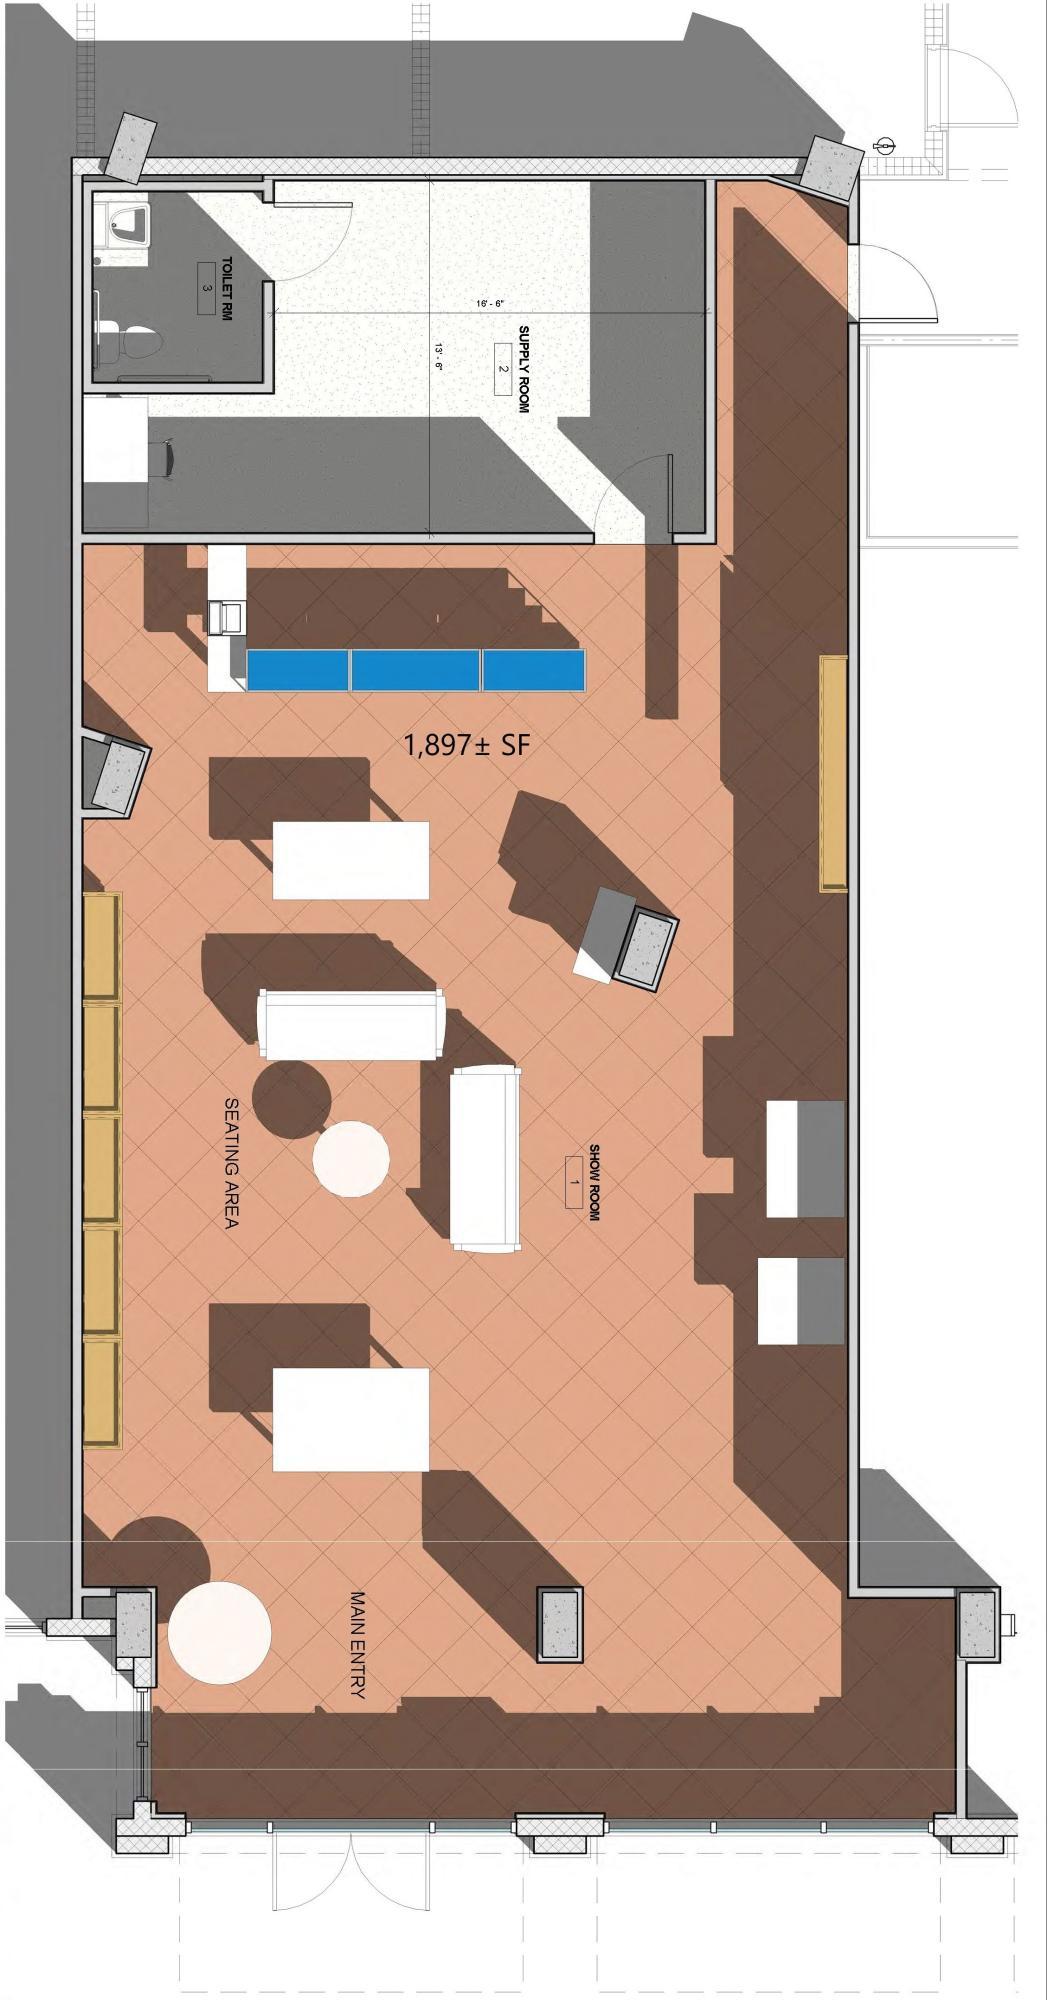 108 Breakwater Ct Floor Plan